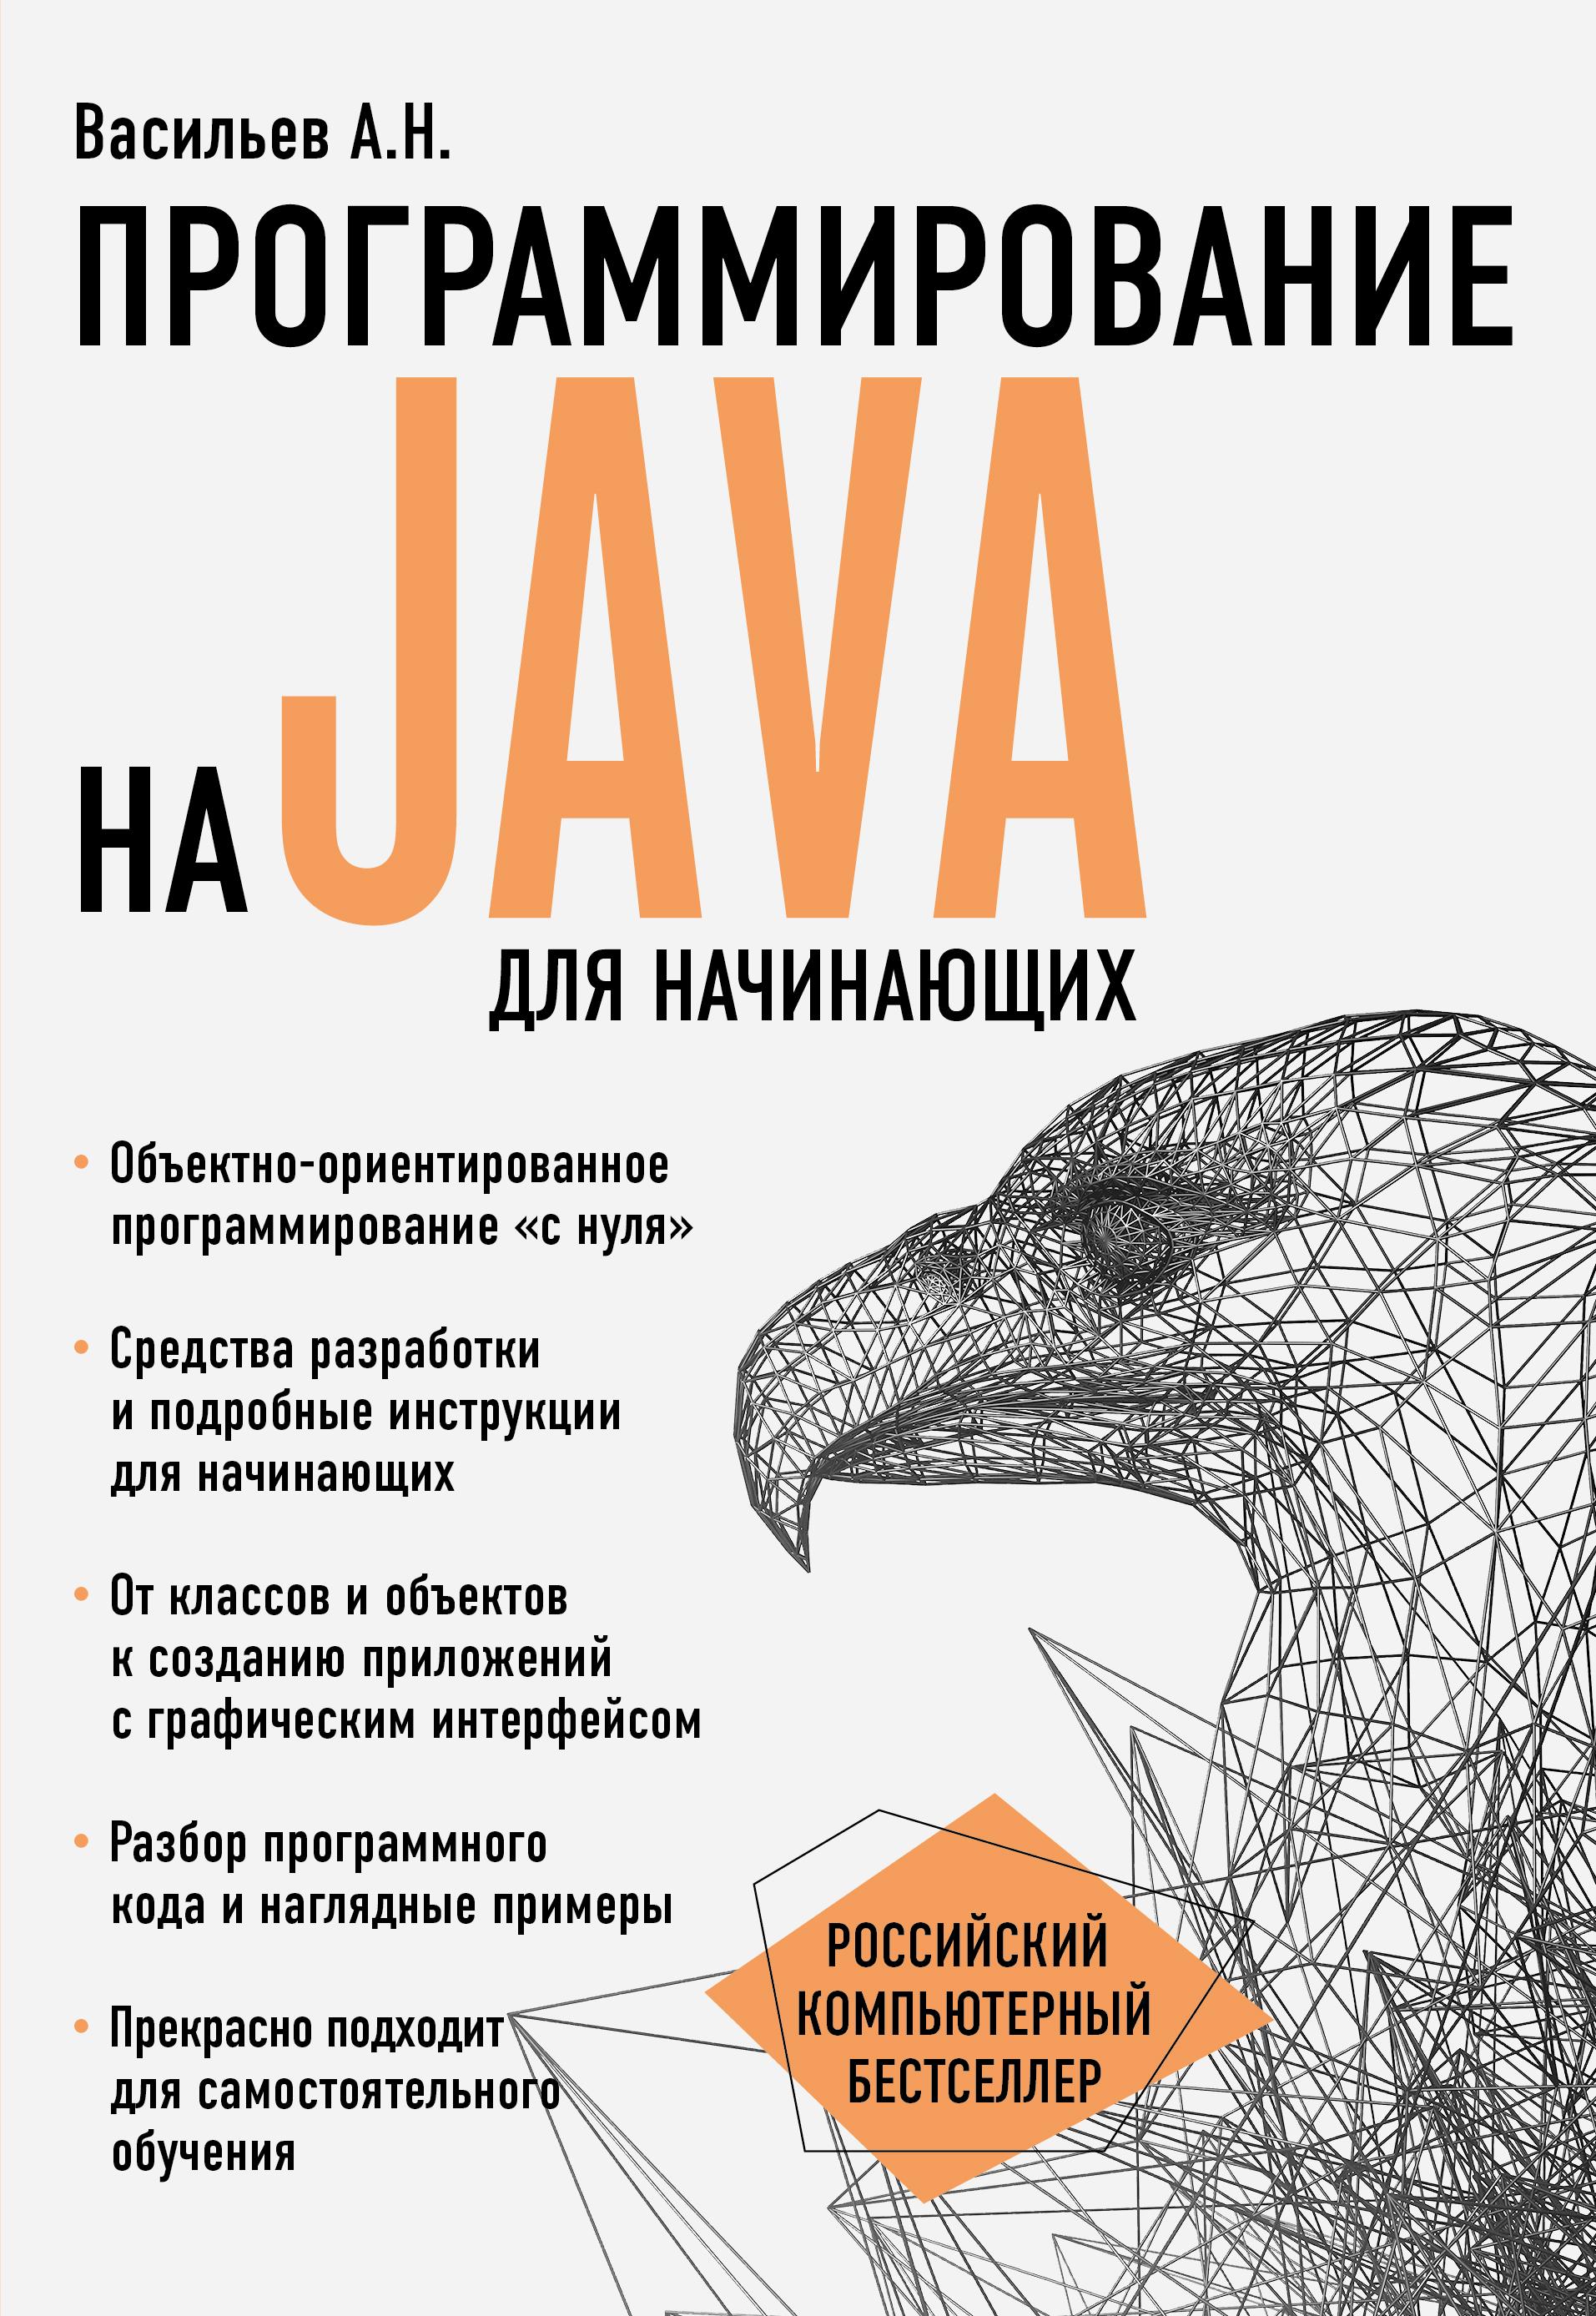 Васильев Алексей Николаевич Программирование на Java для начинающих макграт майк программирование на java для начинающих